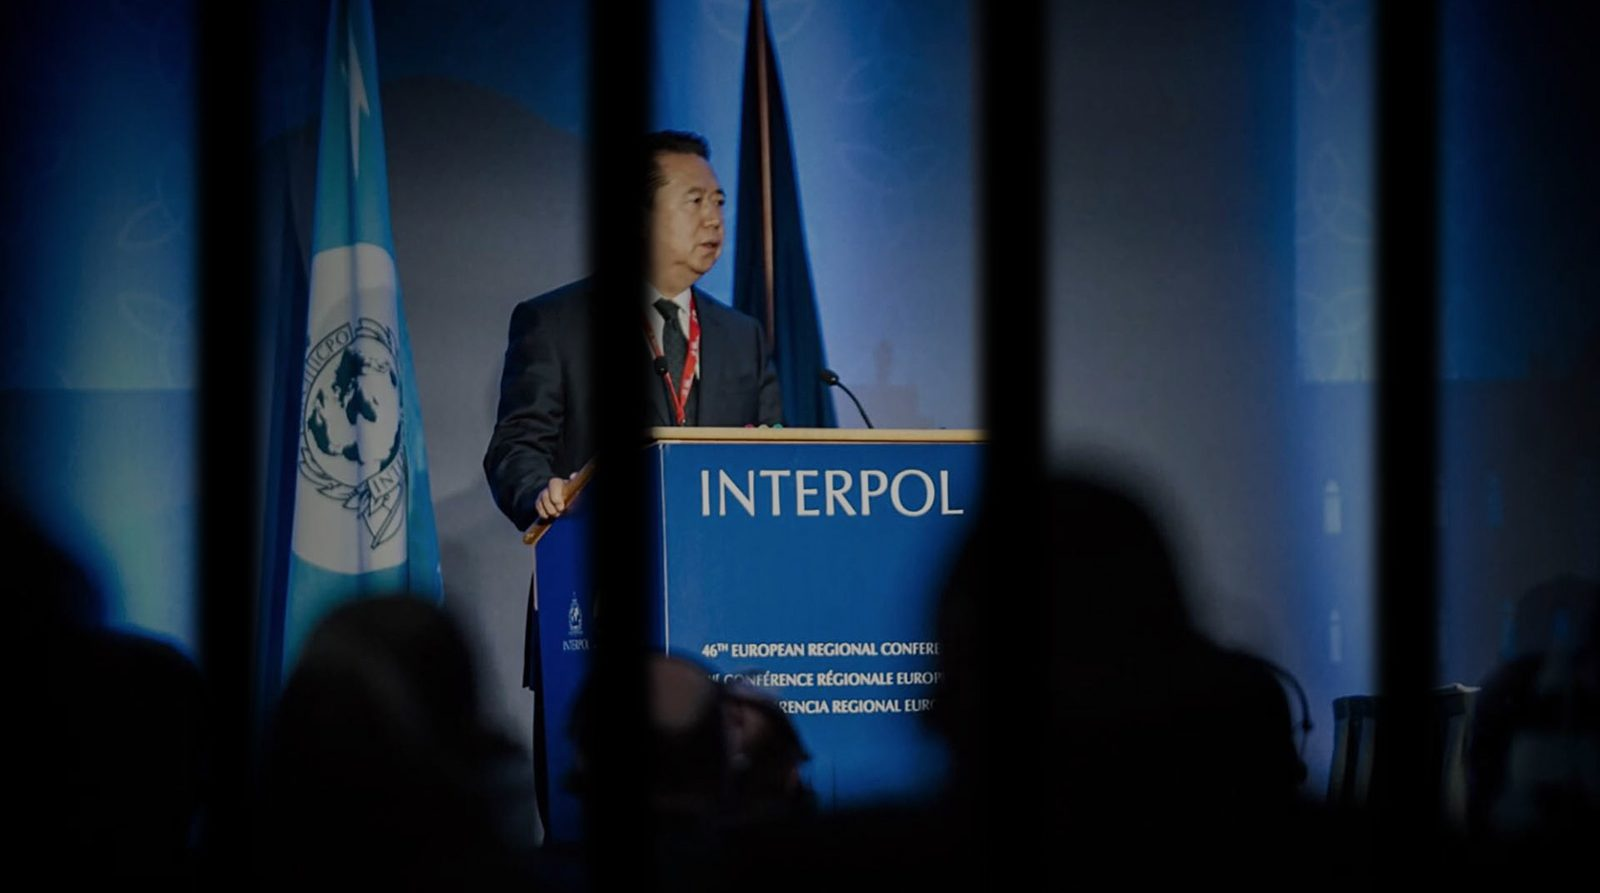 Pourquoi la Chine a-t-elle fait arrêter le président d'Interpol?